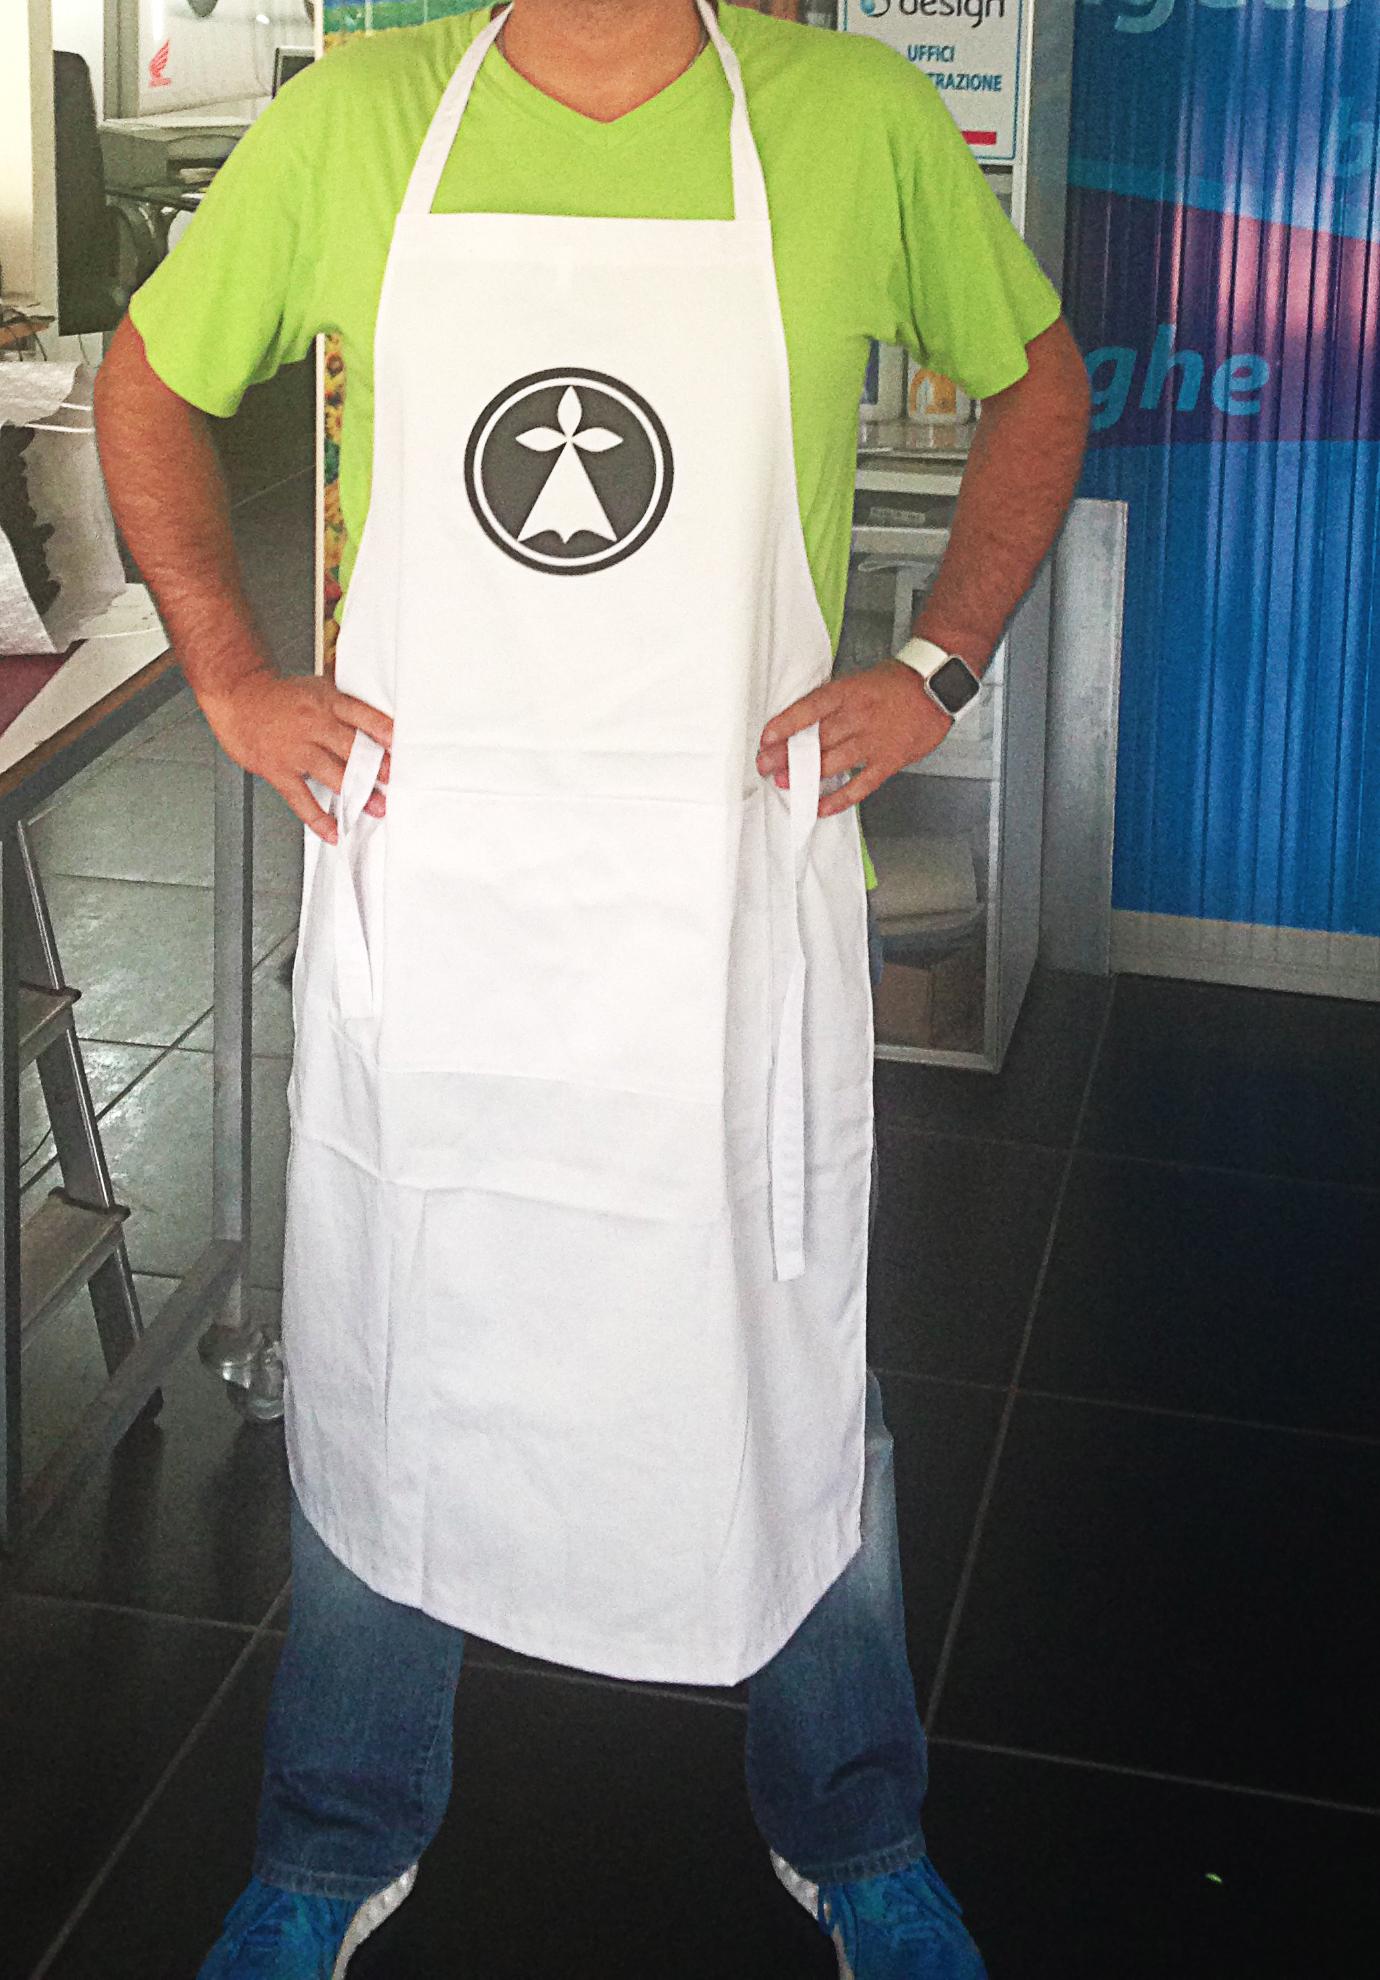 Abbigliamnto personalizzato  Grembiuli  Grembiuli. Abbigliamento  personalizzato  Tuta da ... 4cef44c6a3a